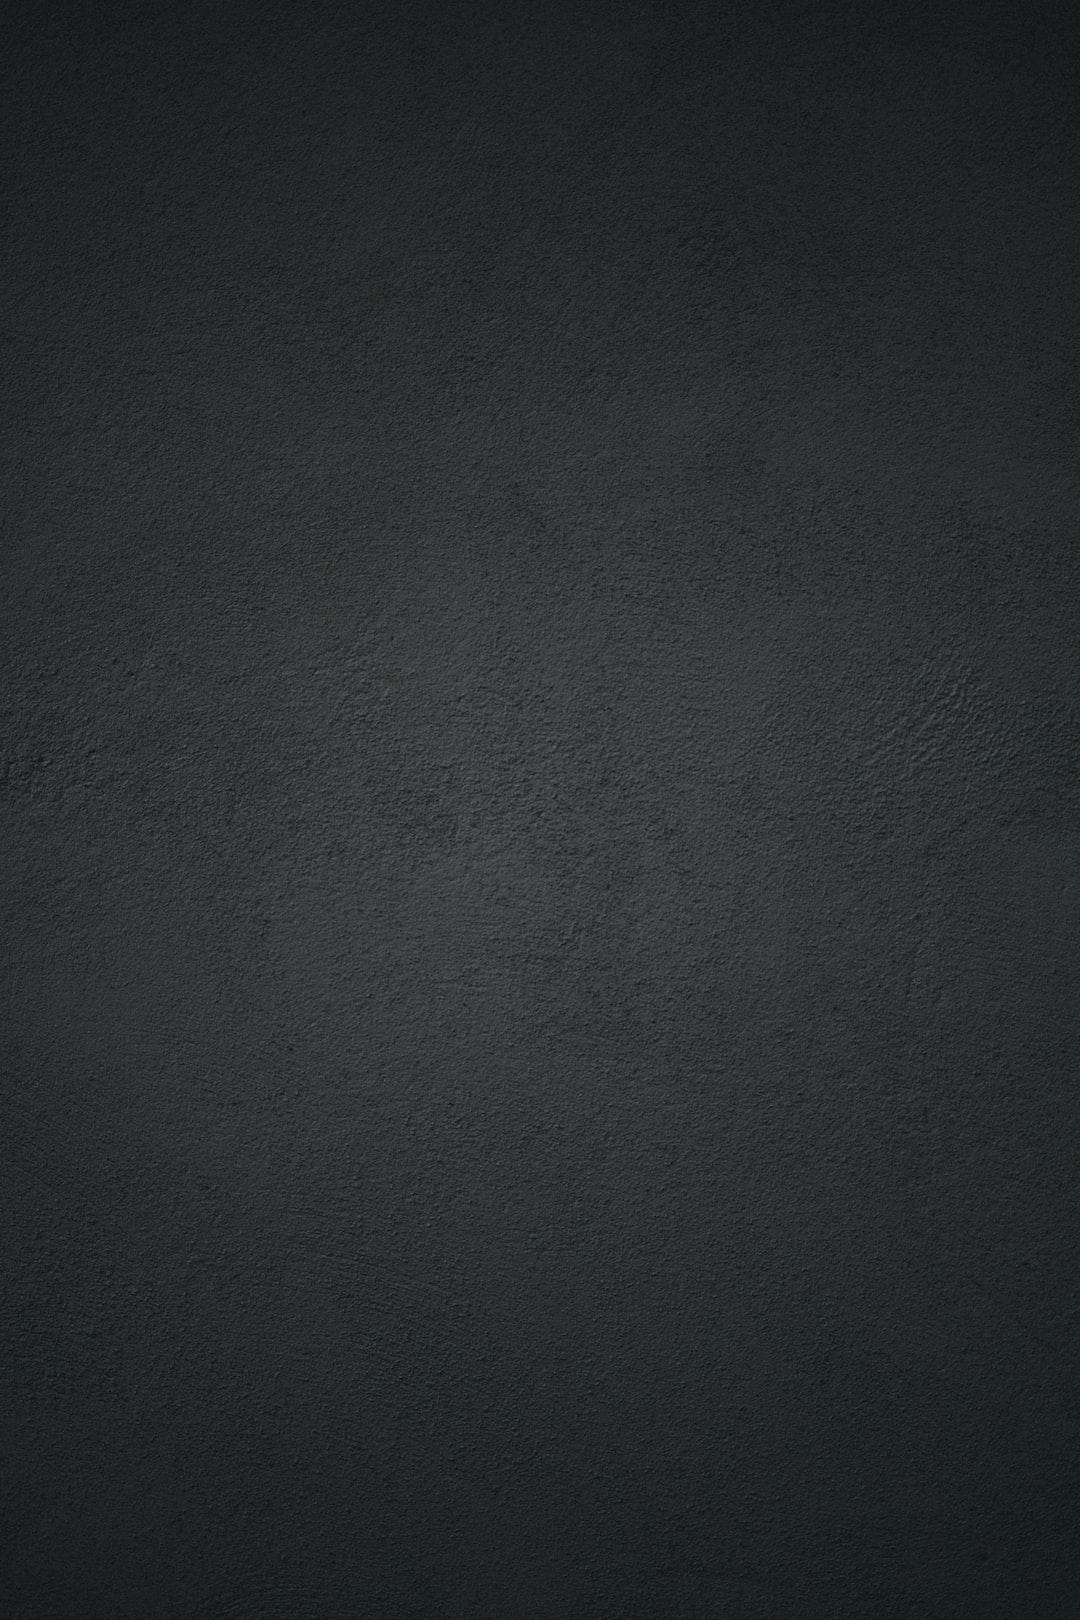 Dark plaster texture